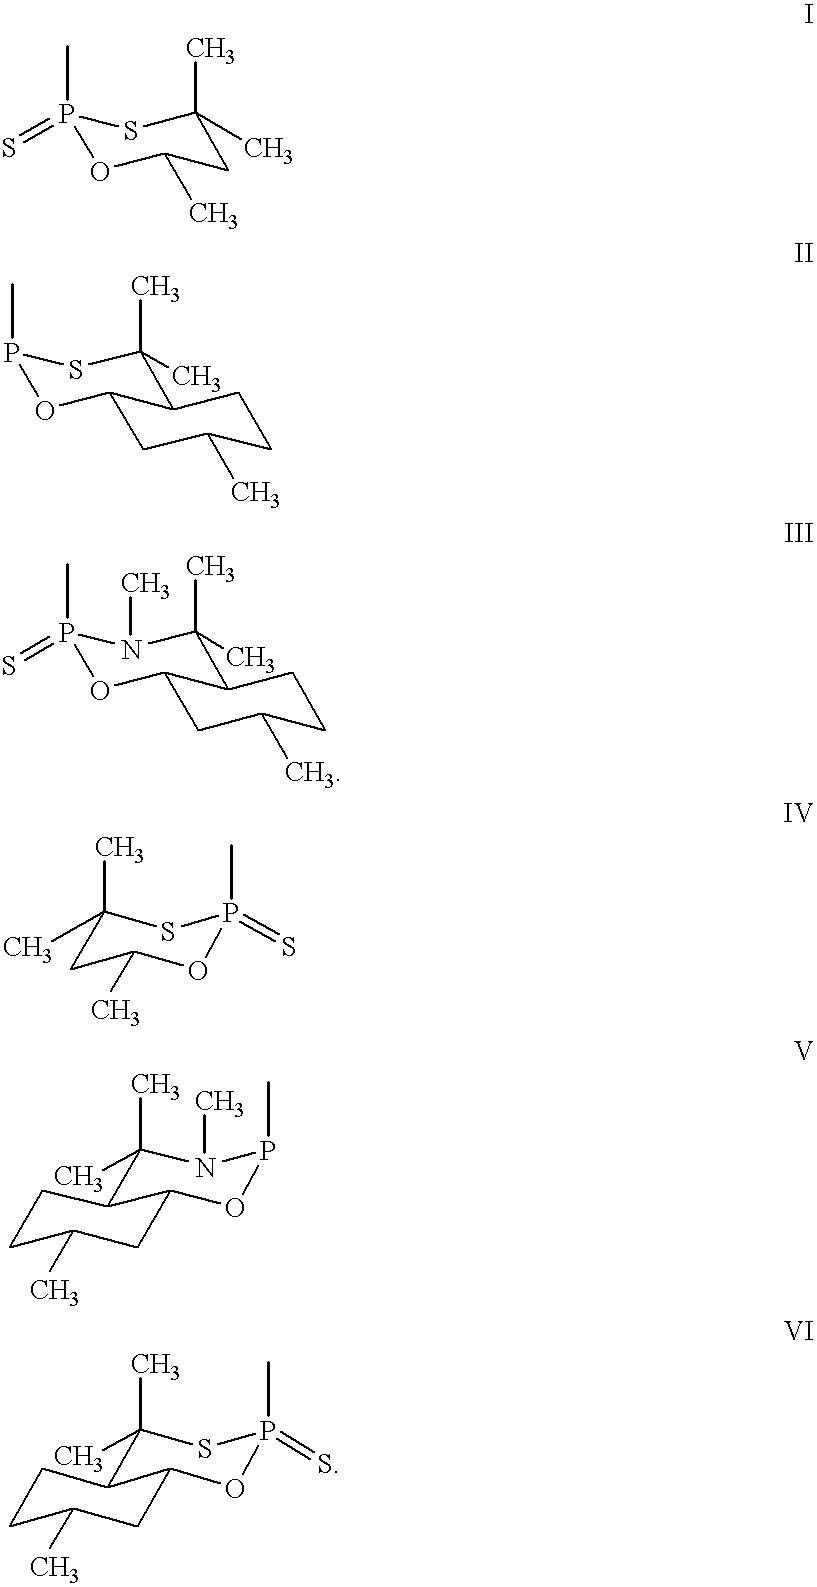 Figure US06440943-20020827-C00006